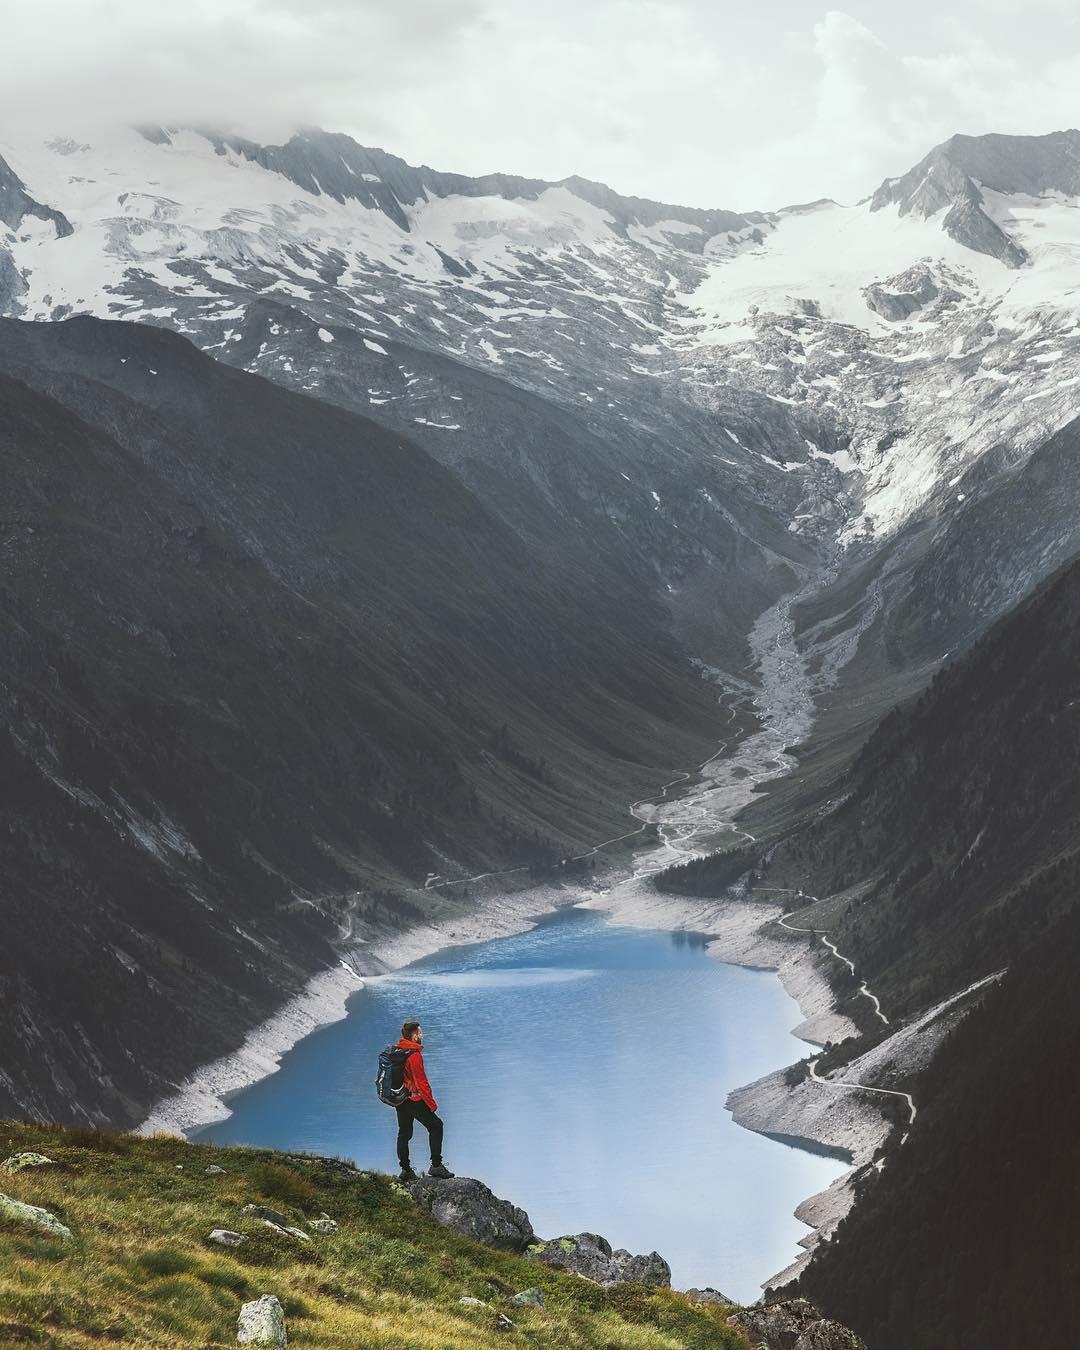 Захватывающие приключенческие фотографии Александра Ладанивского путешествия,туризм